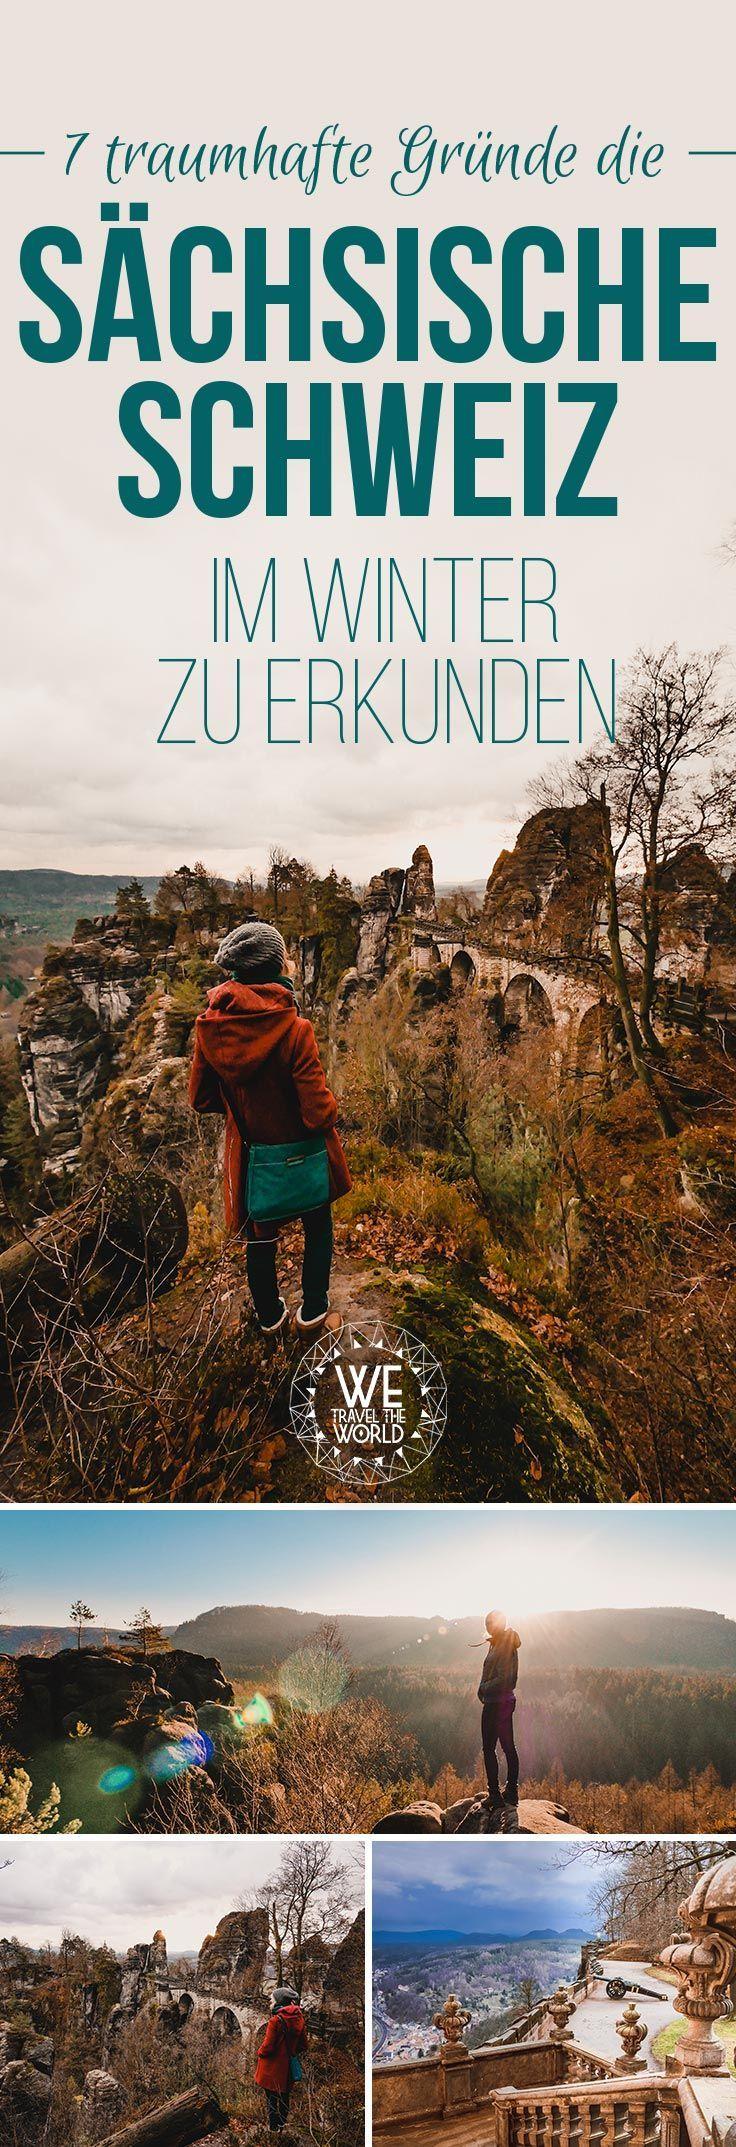 Deutschland Kurzurlaub Sächsische Schweiz unsere 7 schönsten Sächsische Schweiz Sehenswürdigkeiten & Reisetipps zu Weihnachten